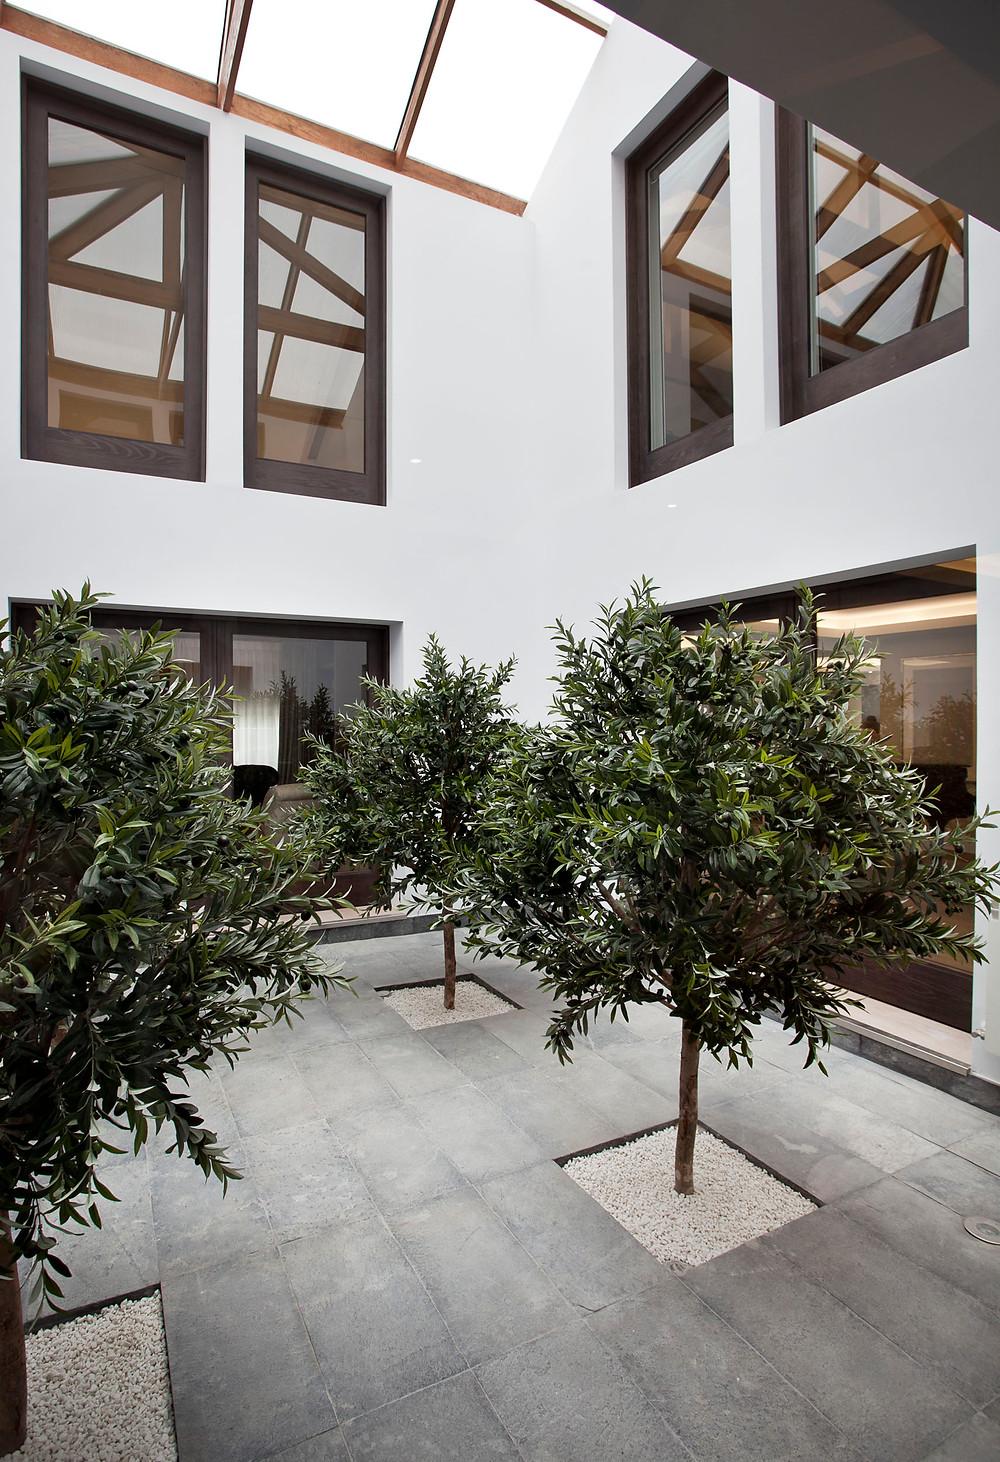 Patio interior con olivos y lucernarios – Freehand arquitectura paisajismo